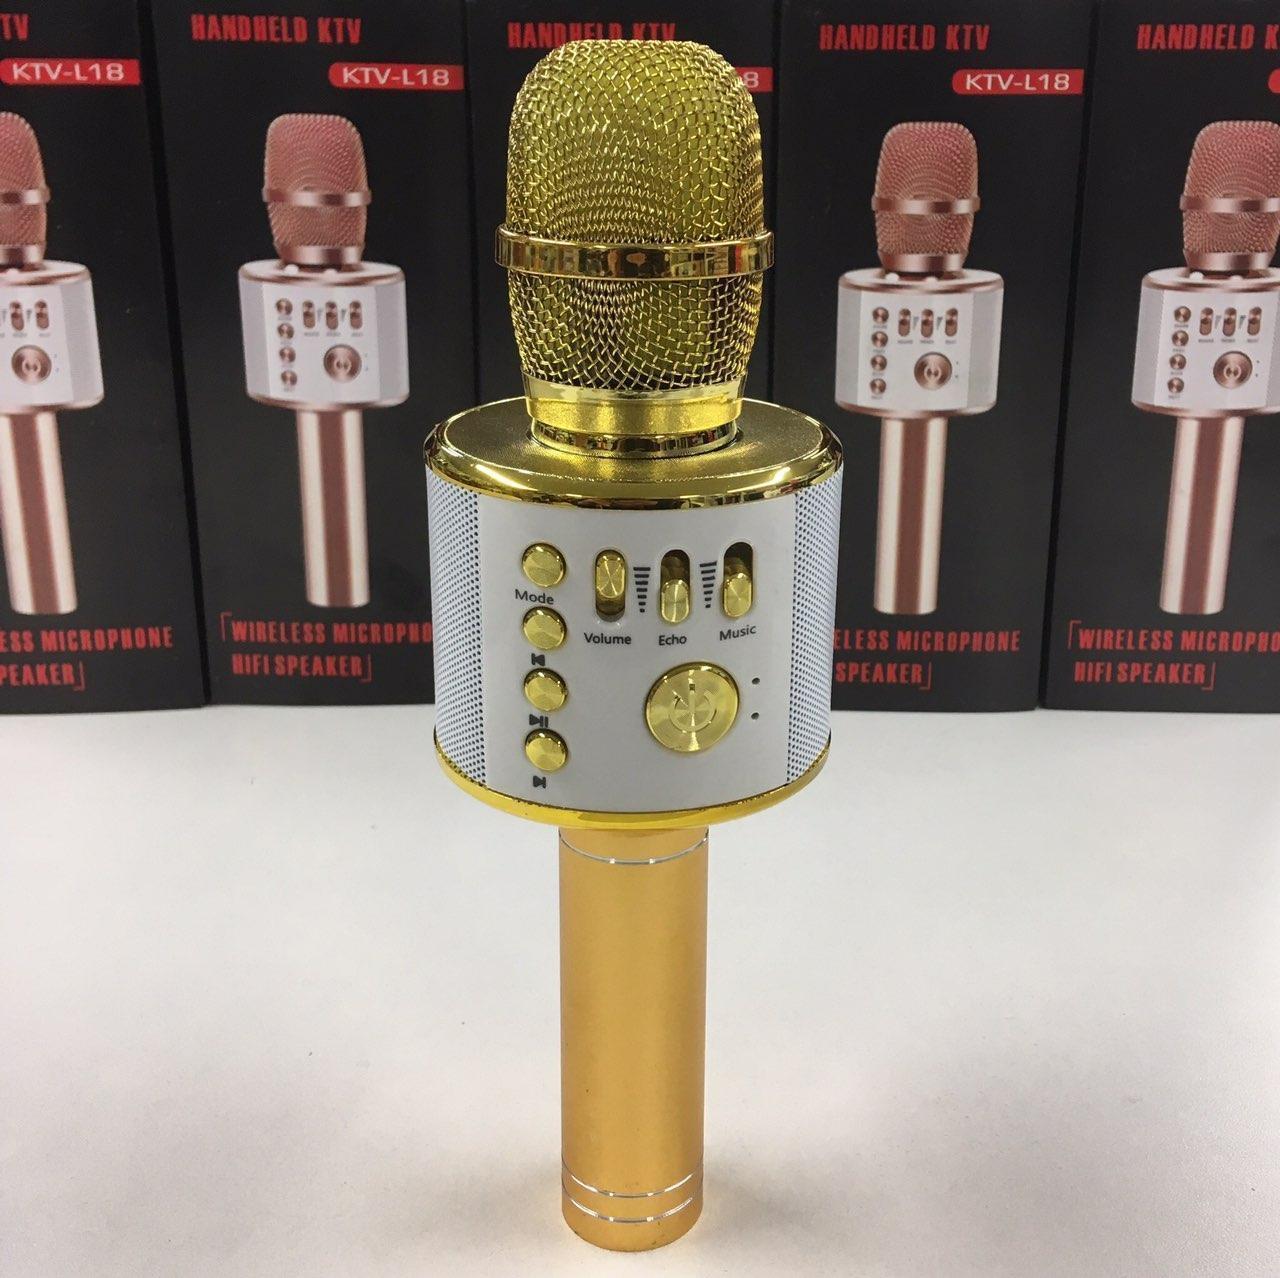 Беспроводной аккумуляторный караоке микрофон Wster  Bluetooth 25 см Золотой (KTV-L18)